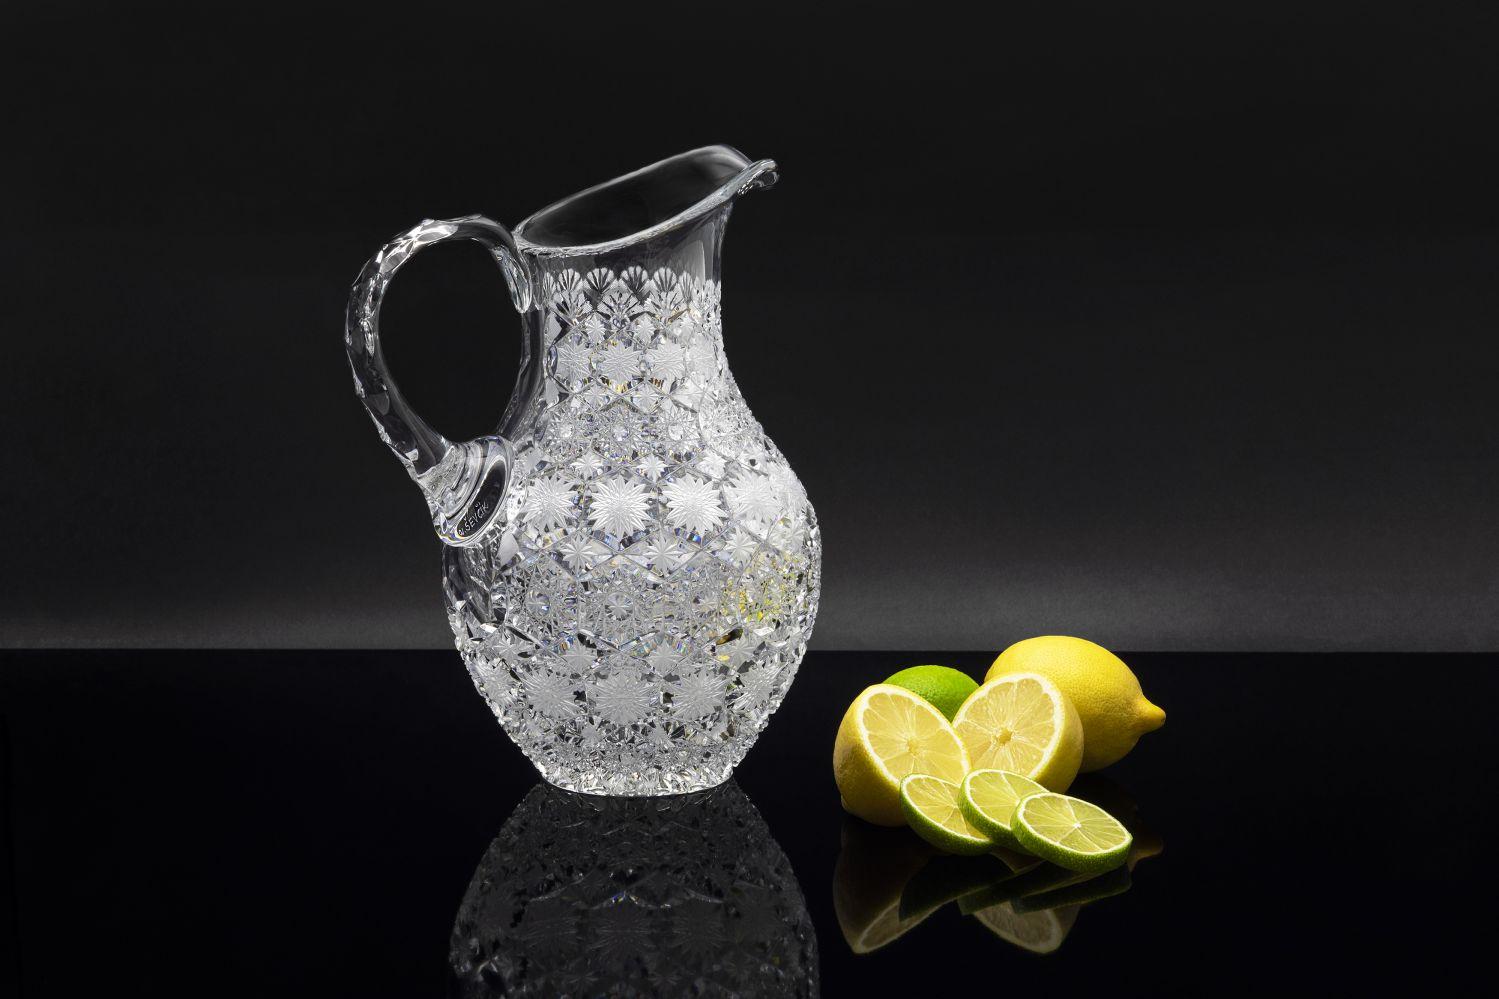 Obrázek v galerii pro Ladislav Ševčík Bohemia Crystal